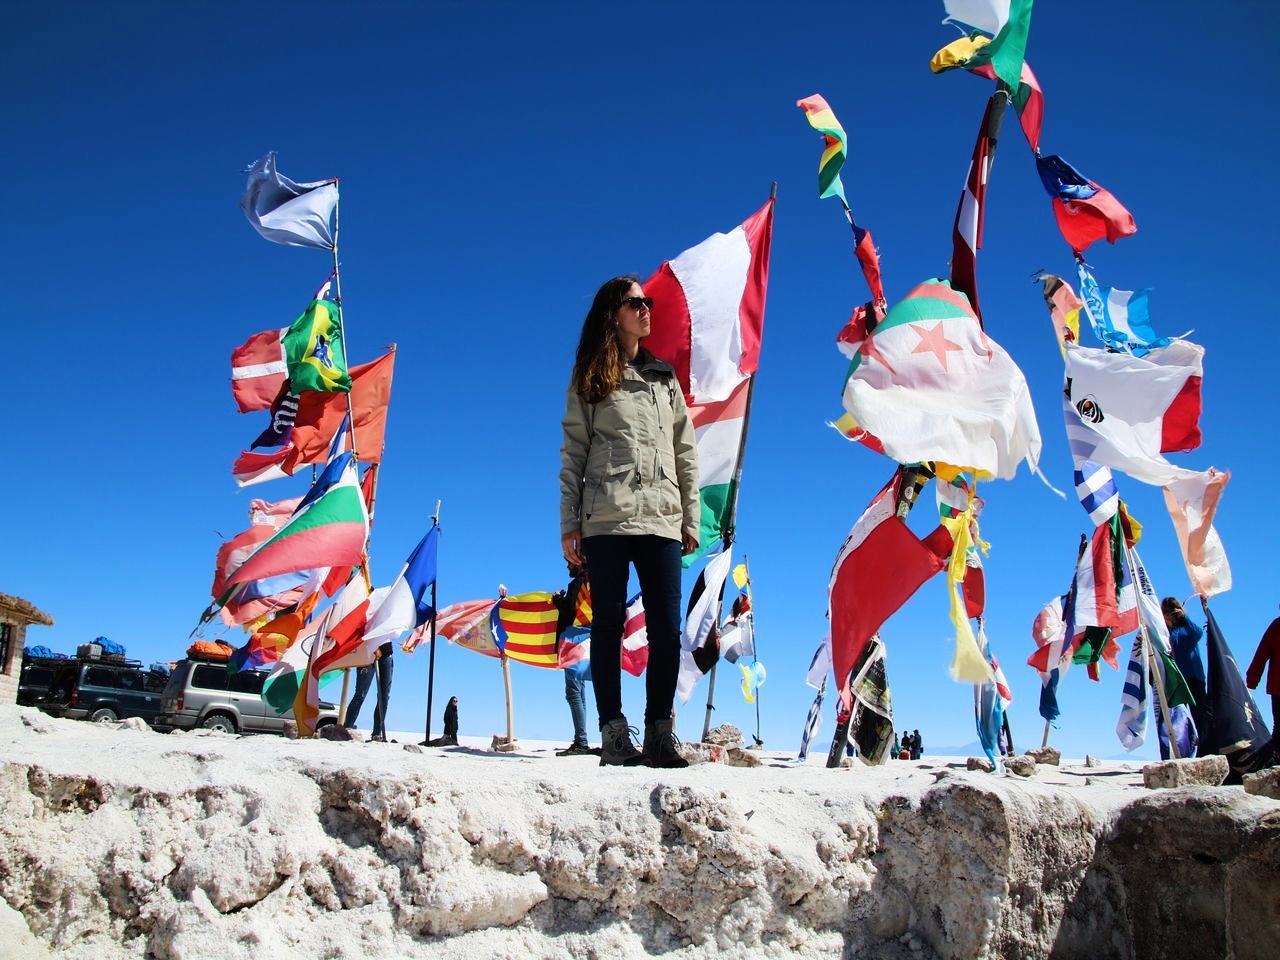 Si viajas a Bolivia, tienes que visitar el Salar de Uyuni.